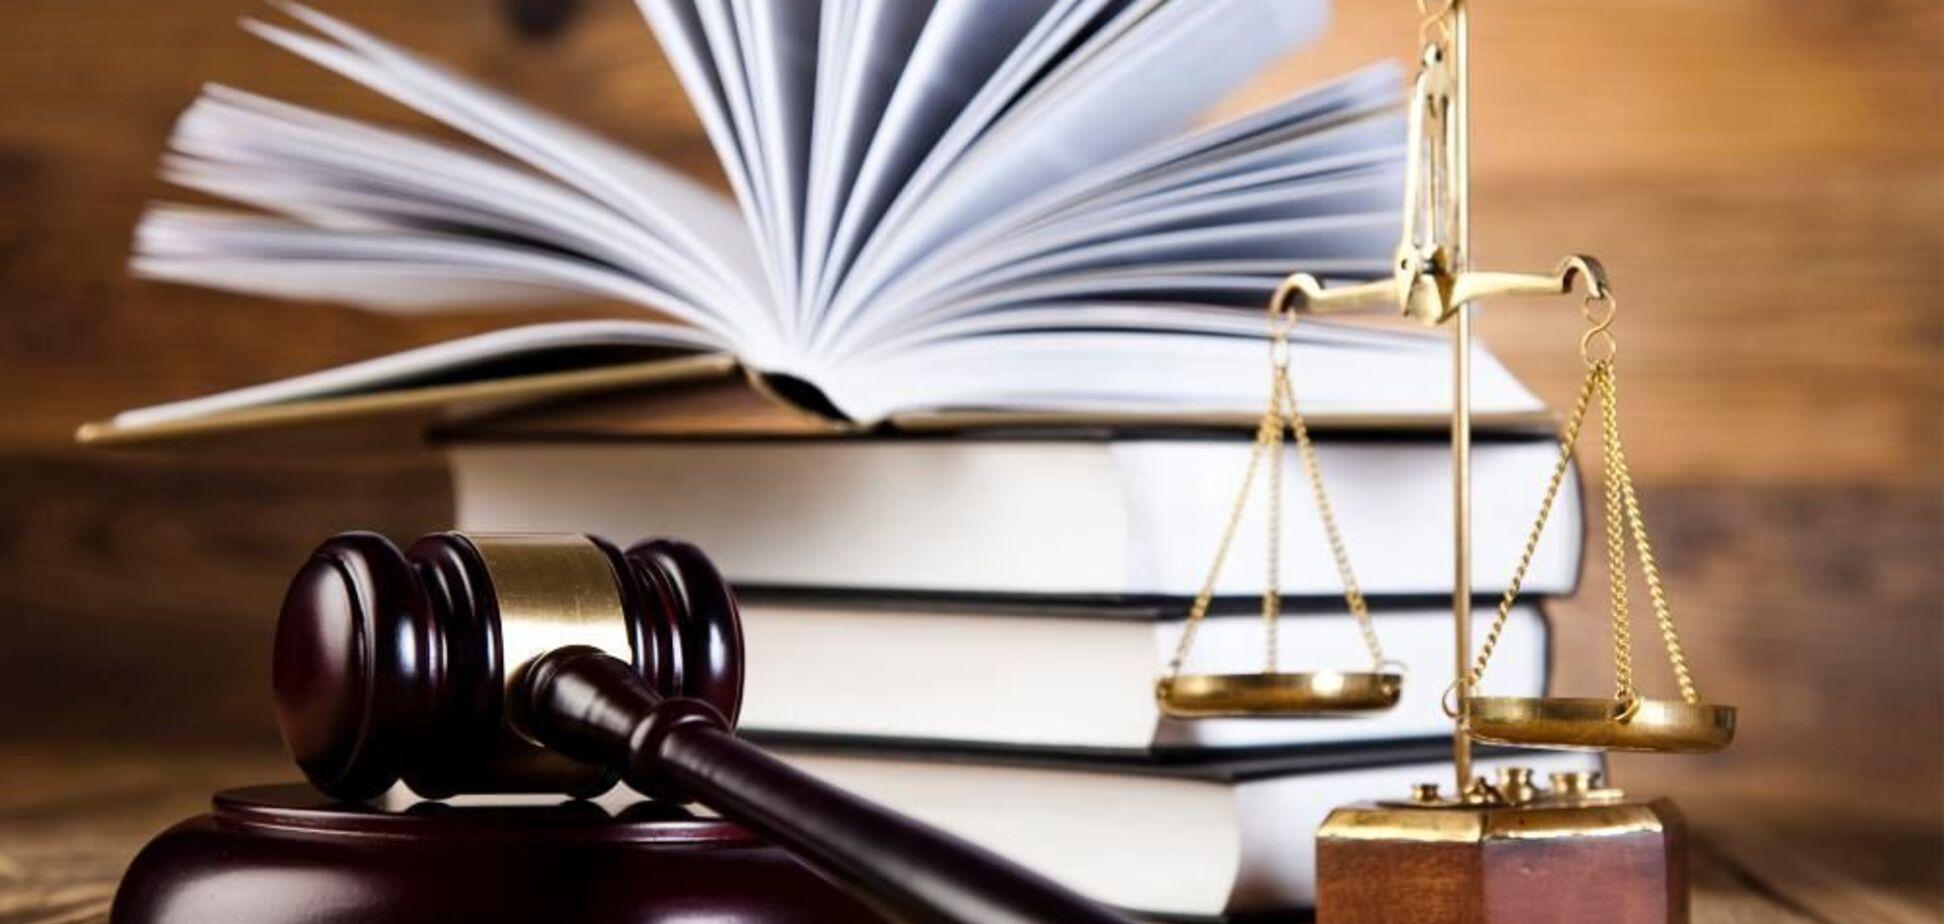 Парламентський комітет із питань правової політики та правосуддя підтримав законопроект №9055 ''Про адвокатуру та адвокатську діяльність''